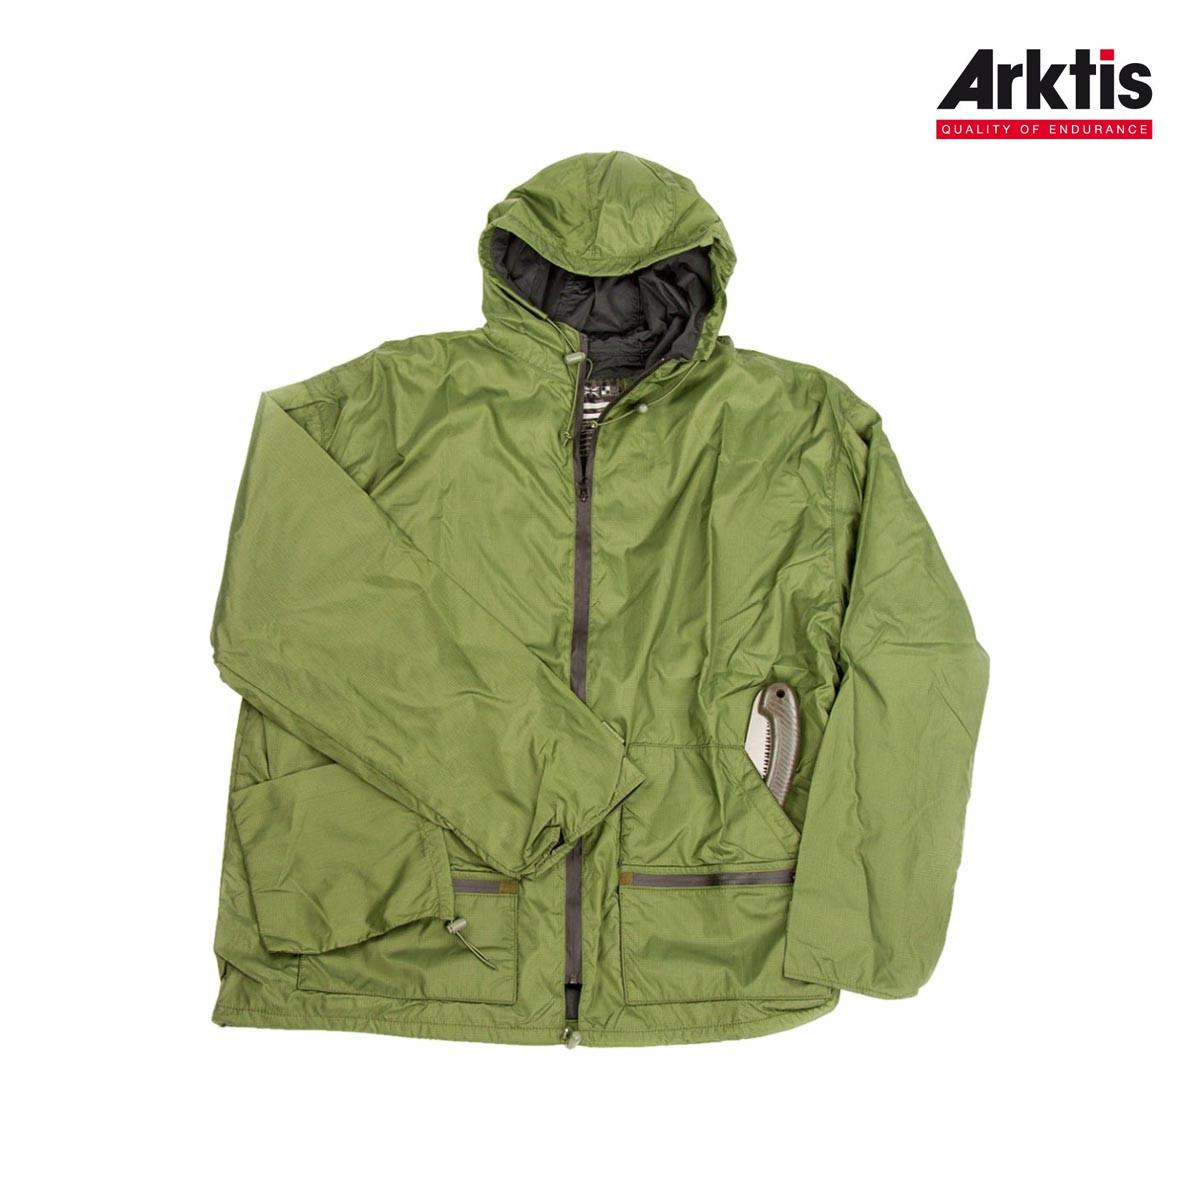 9071e6e200d Veste imperméable Rainshield, par Arktis - Vercamp.fr